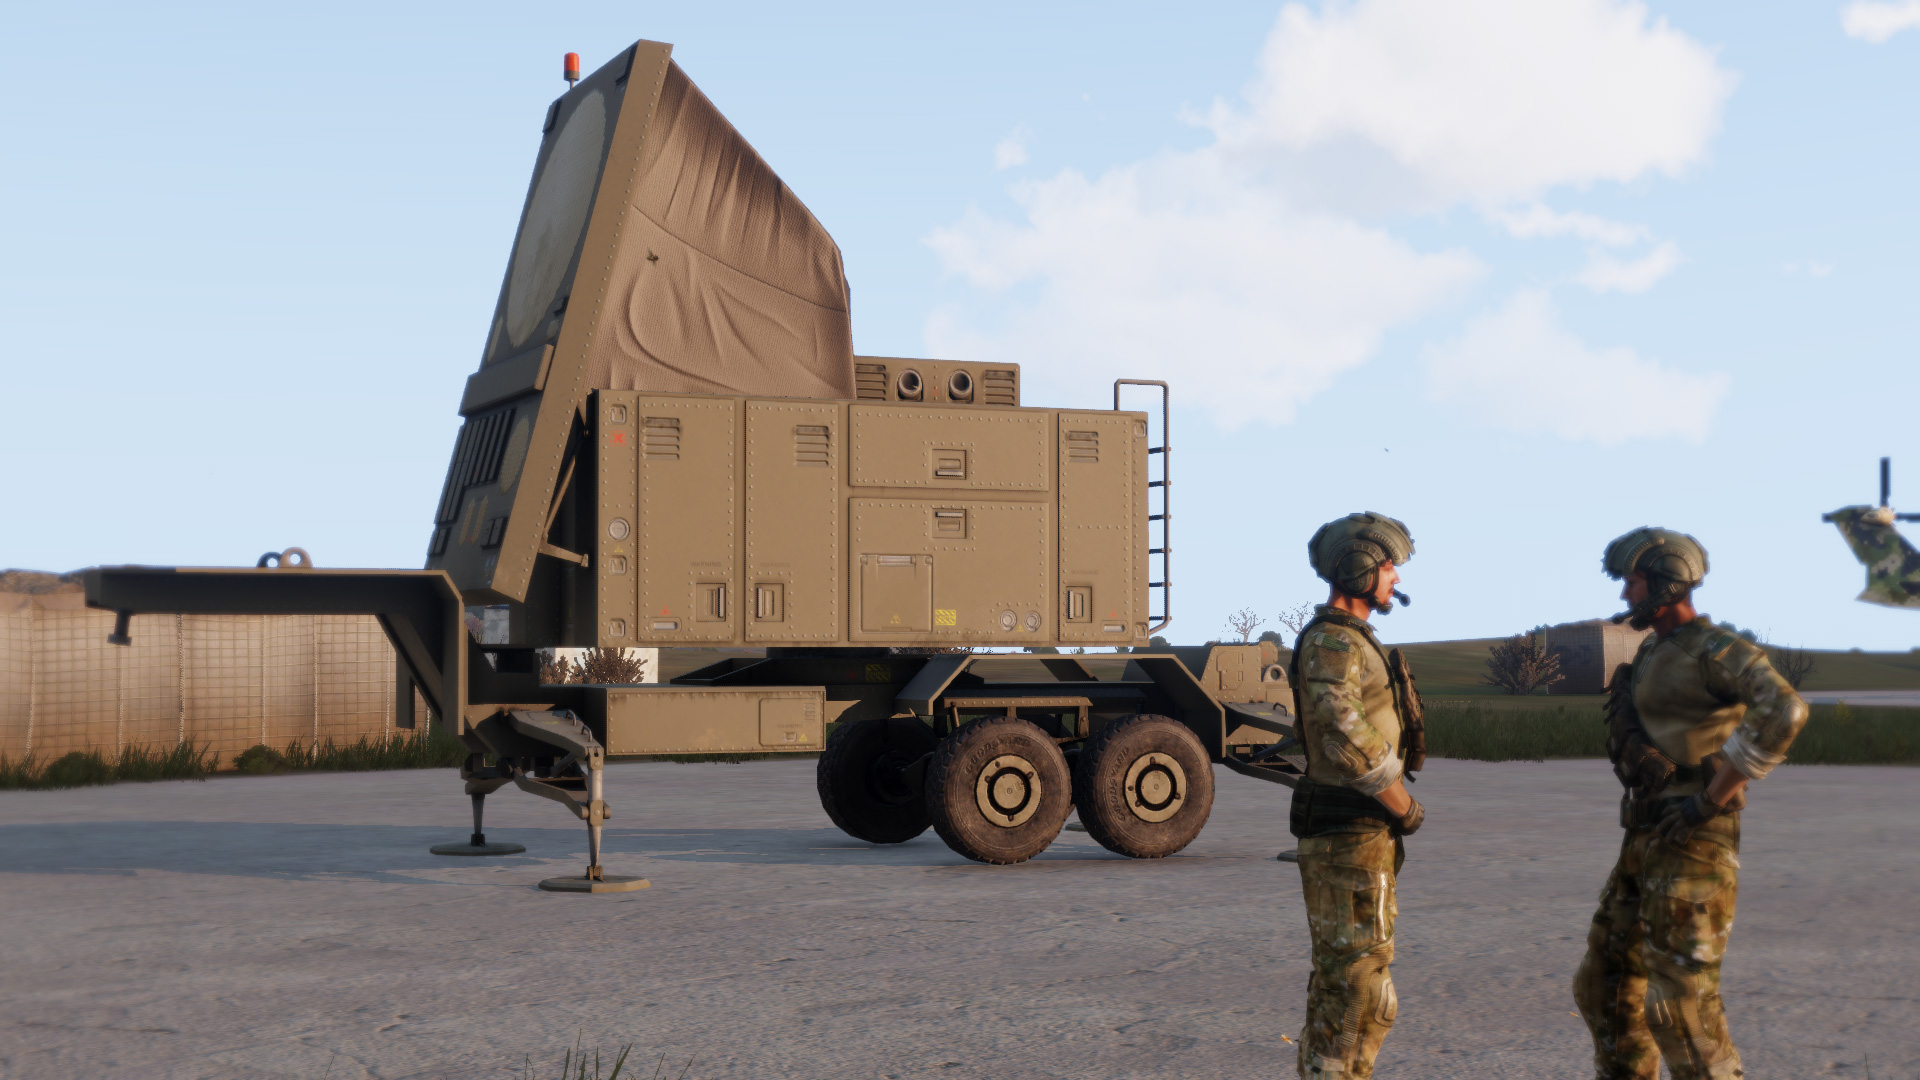 dev.arma3.com/assets/img/post/images/Nato_Radar.jpg